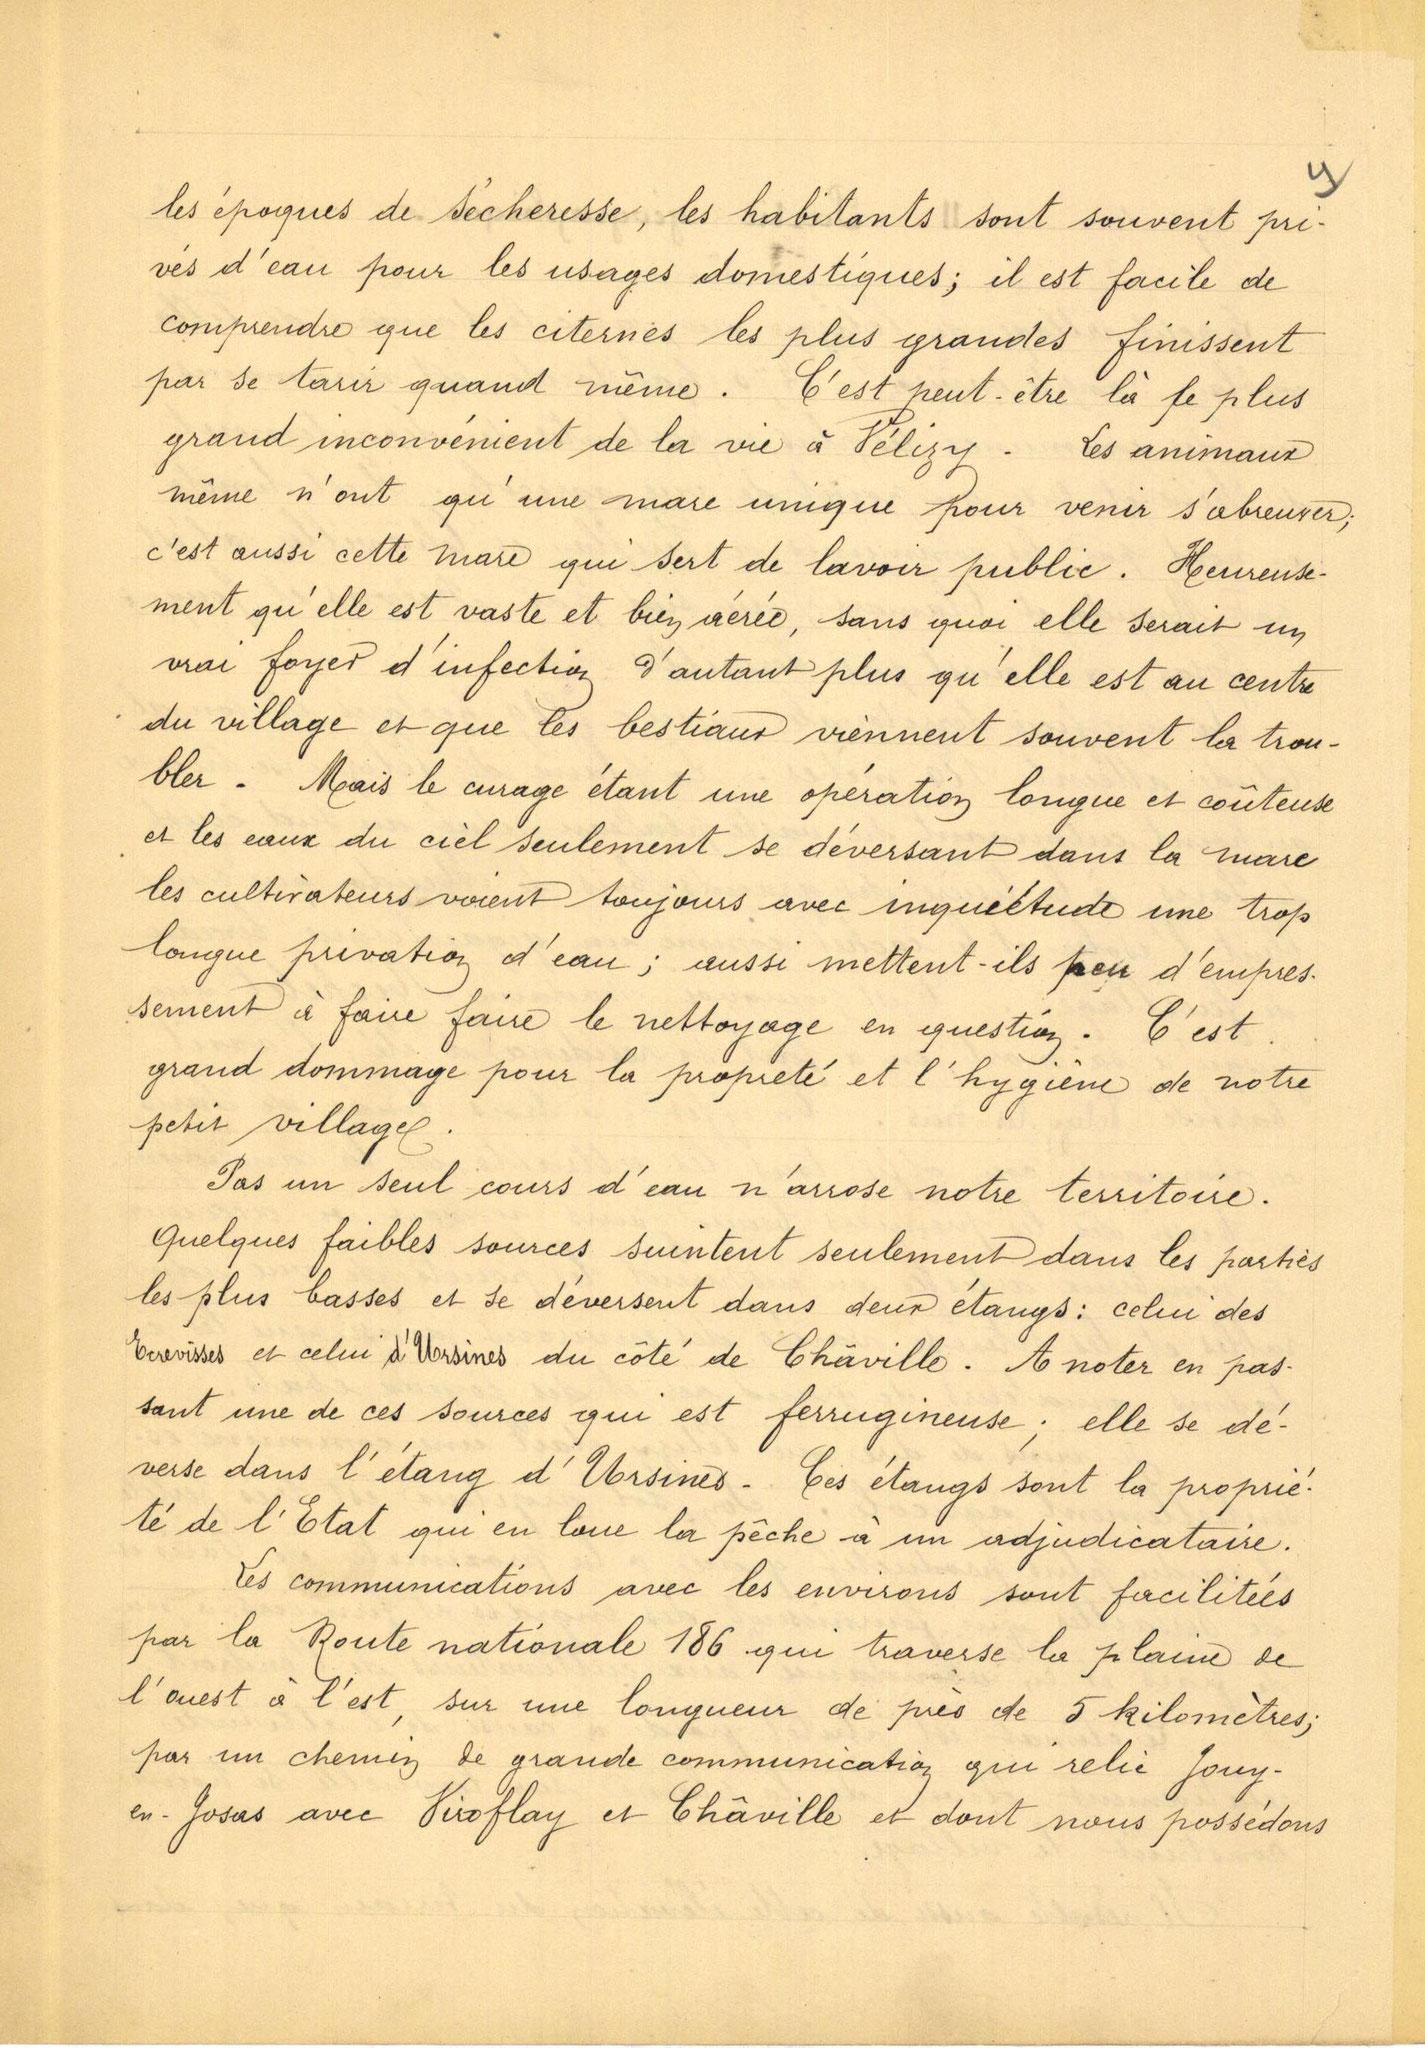 Page 4 - Monographie communale de l'instituteur de Vélizy, 1899